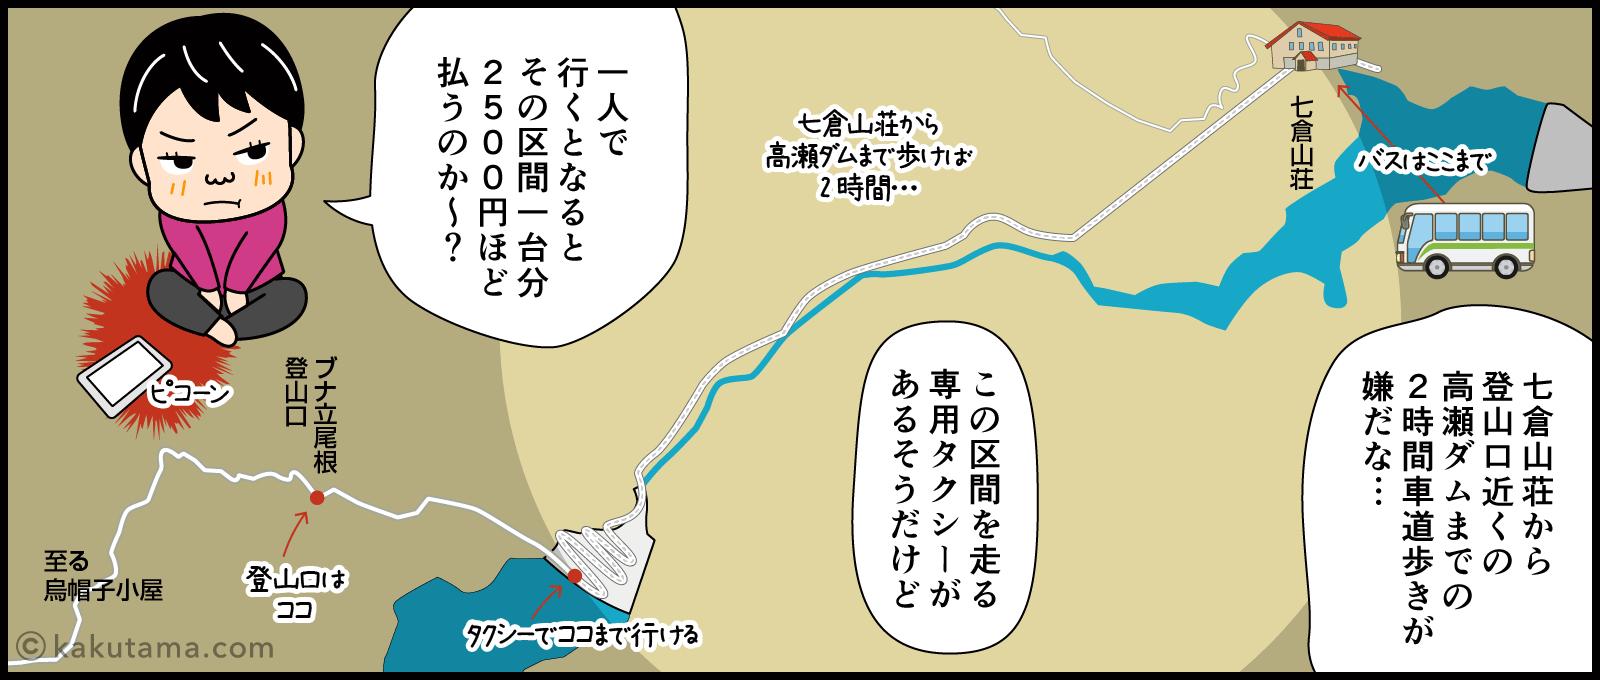 七倉山荘から高瀬ダムまでの交通を悩む漫画